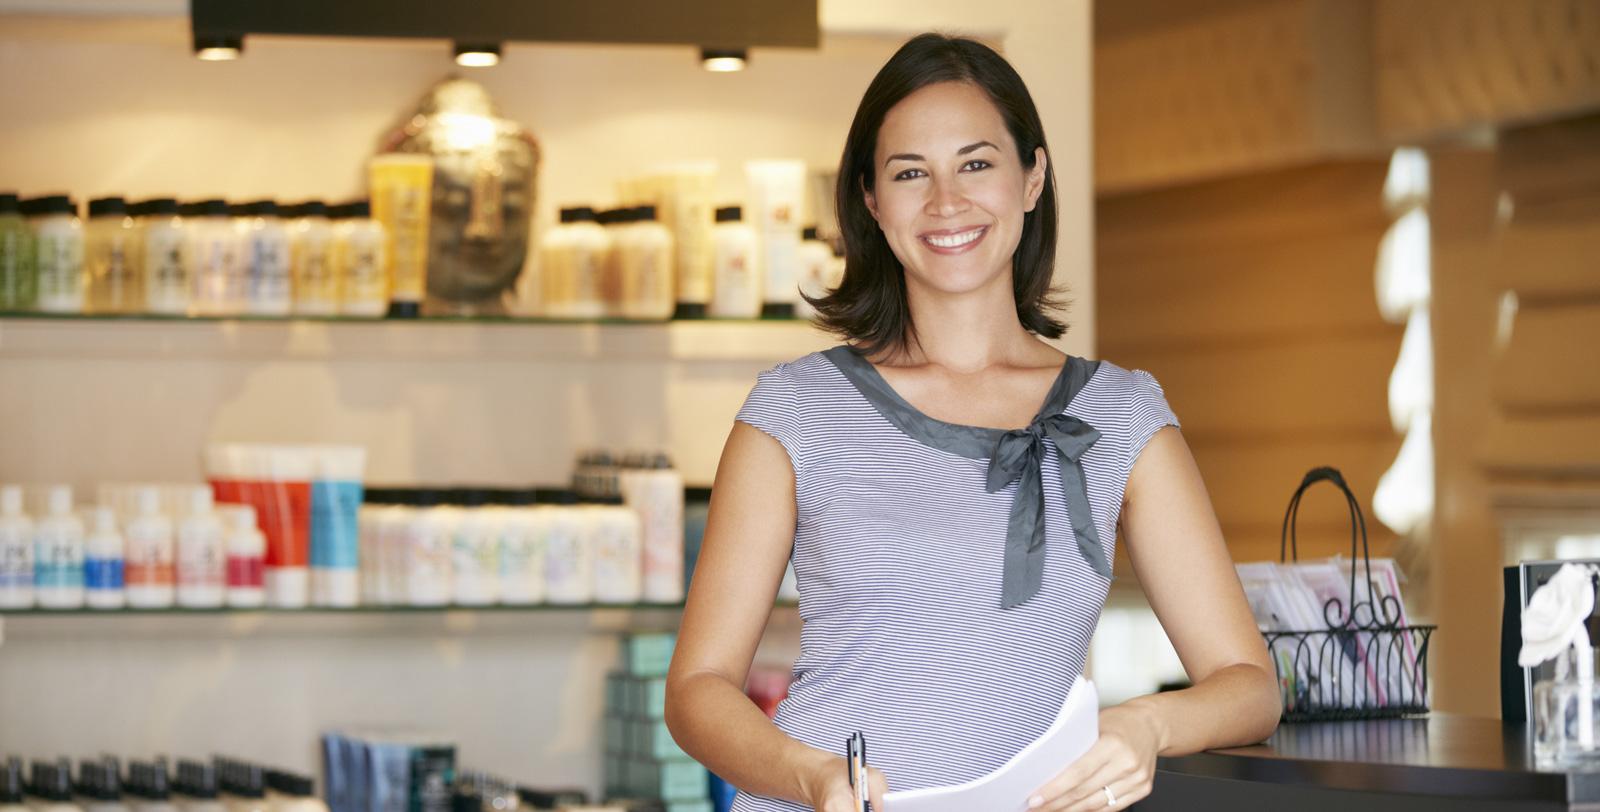 5 Novas características para você ser um bom líder do varejo